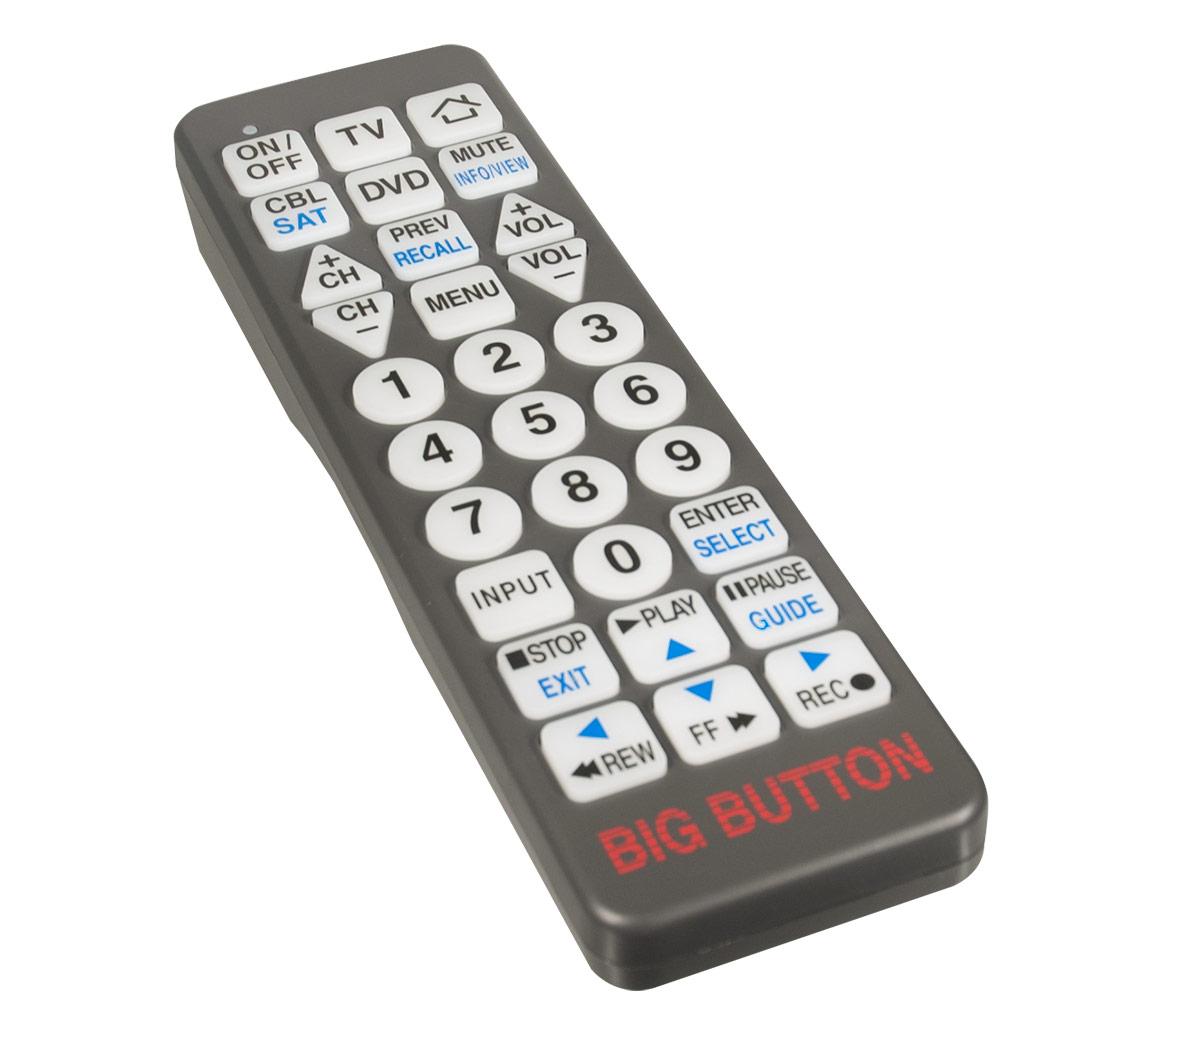 Big Button Remote Control Price: $22.95